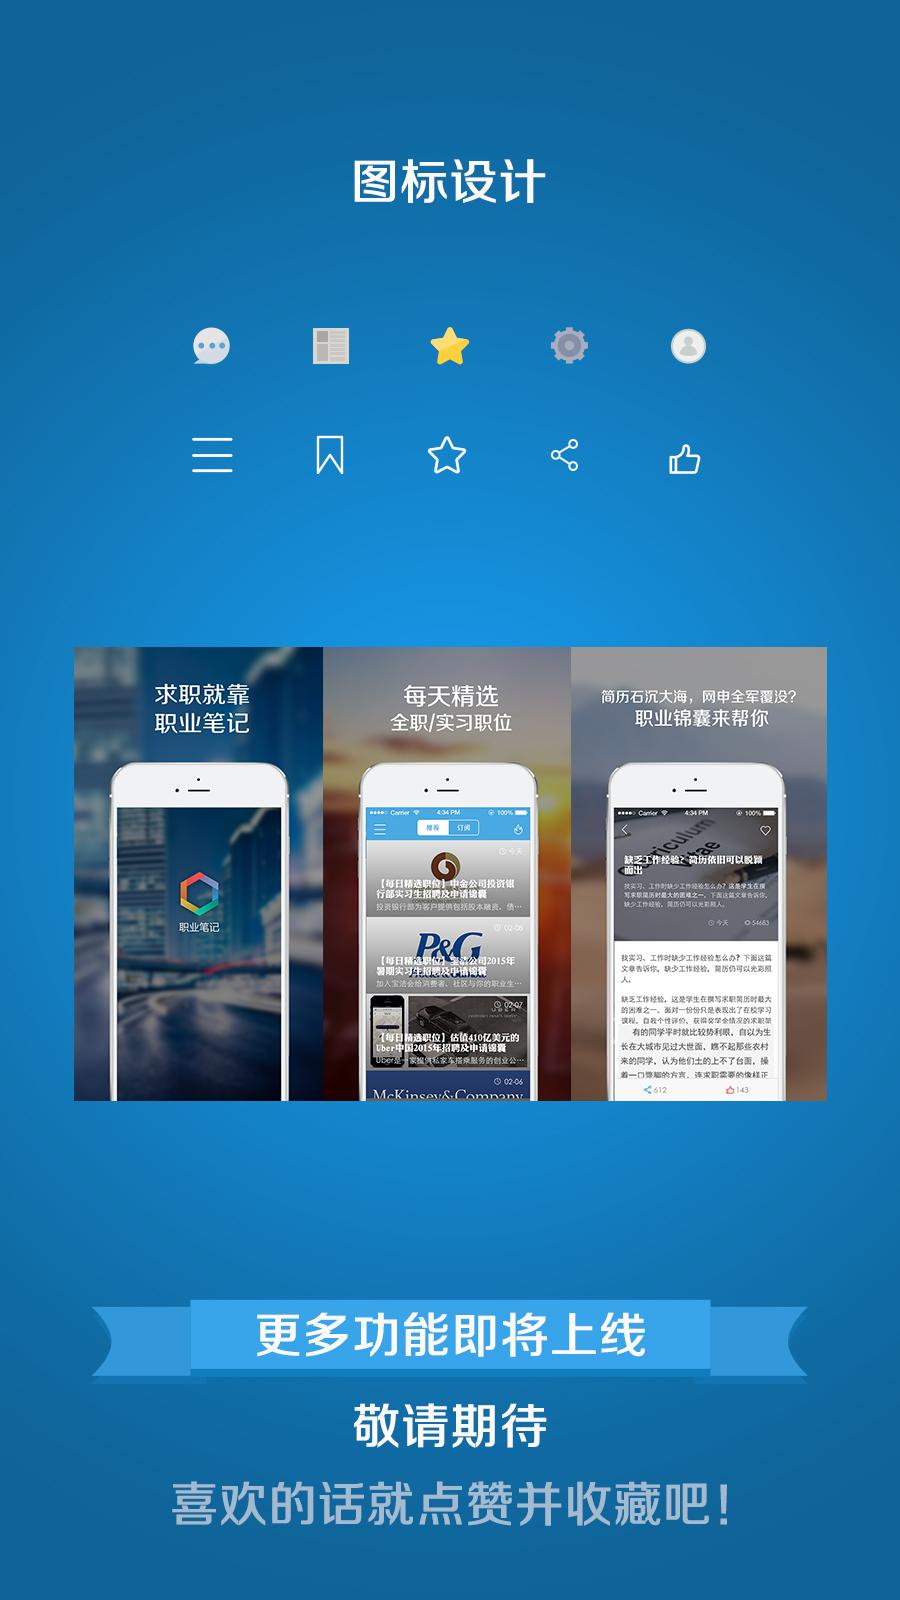 职业笔记App创意设计图1